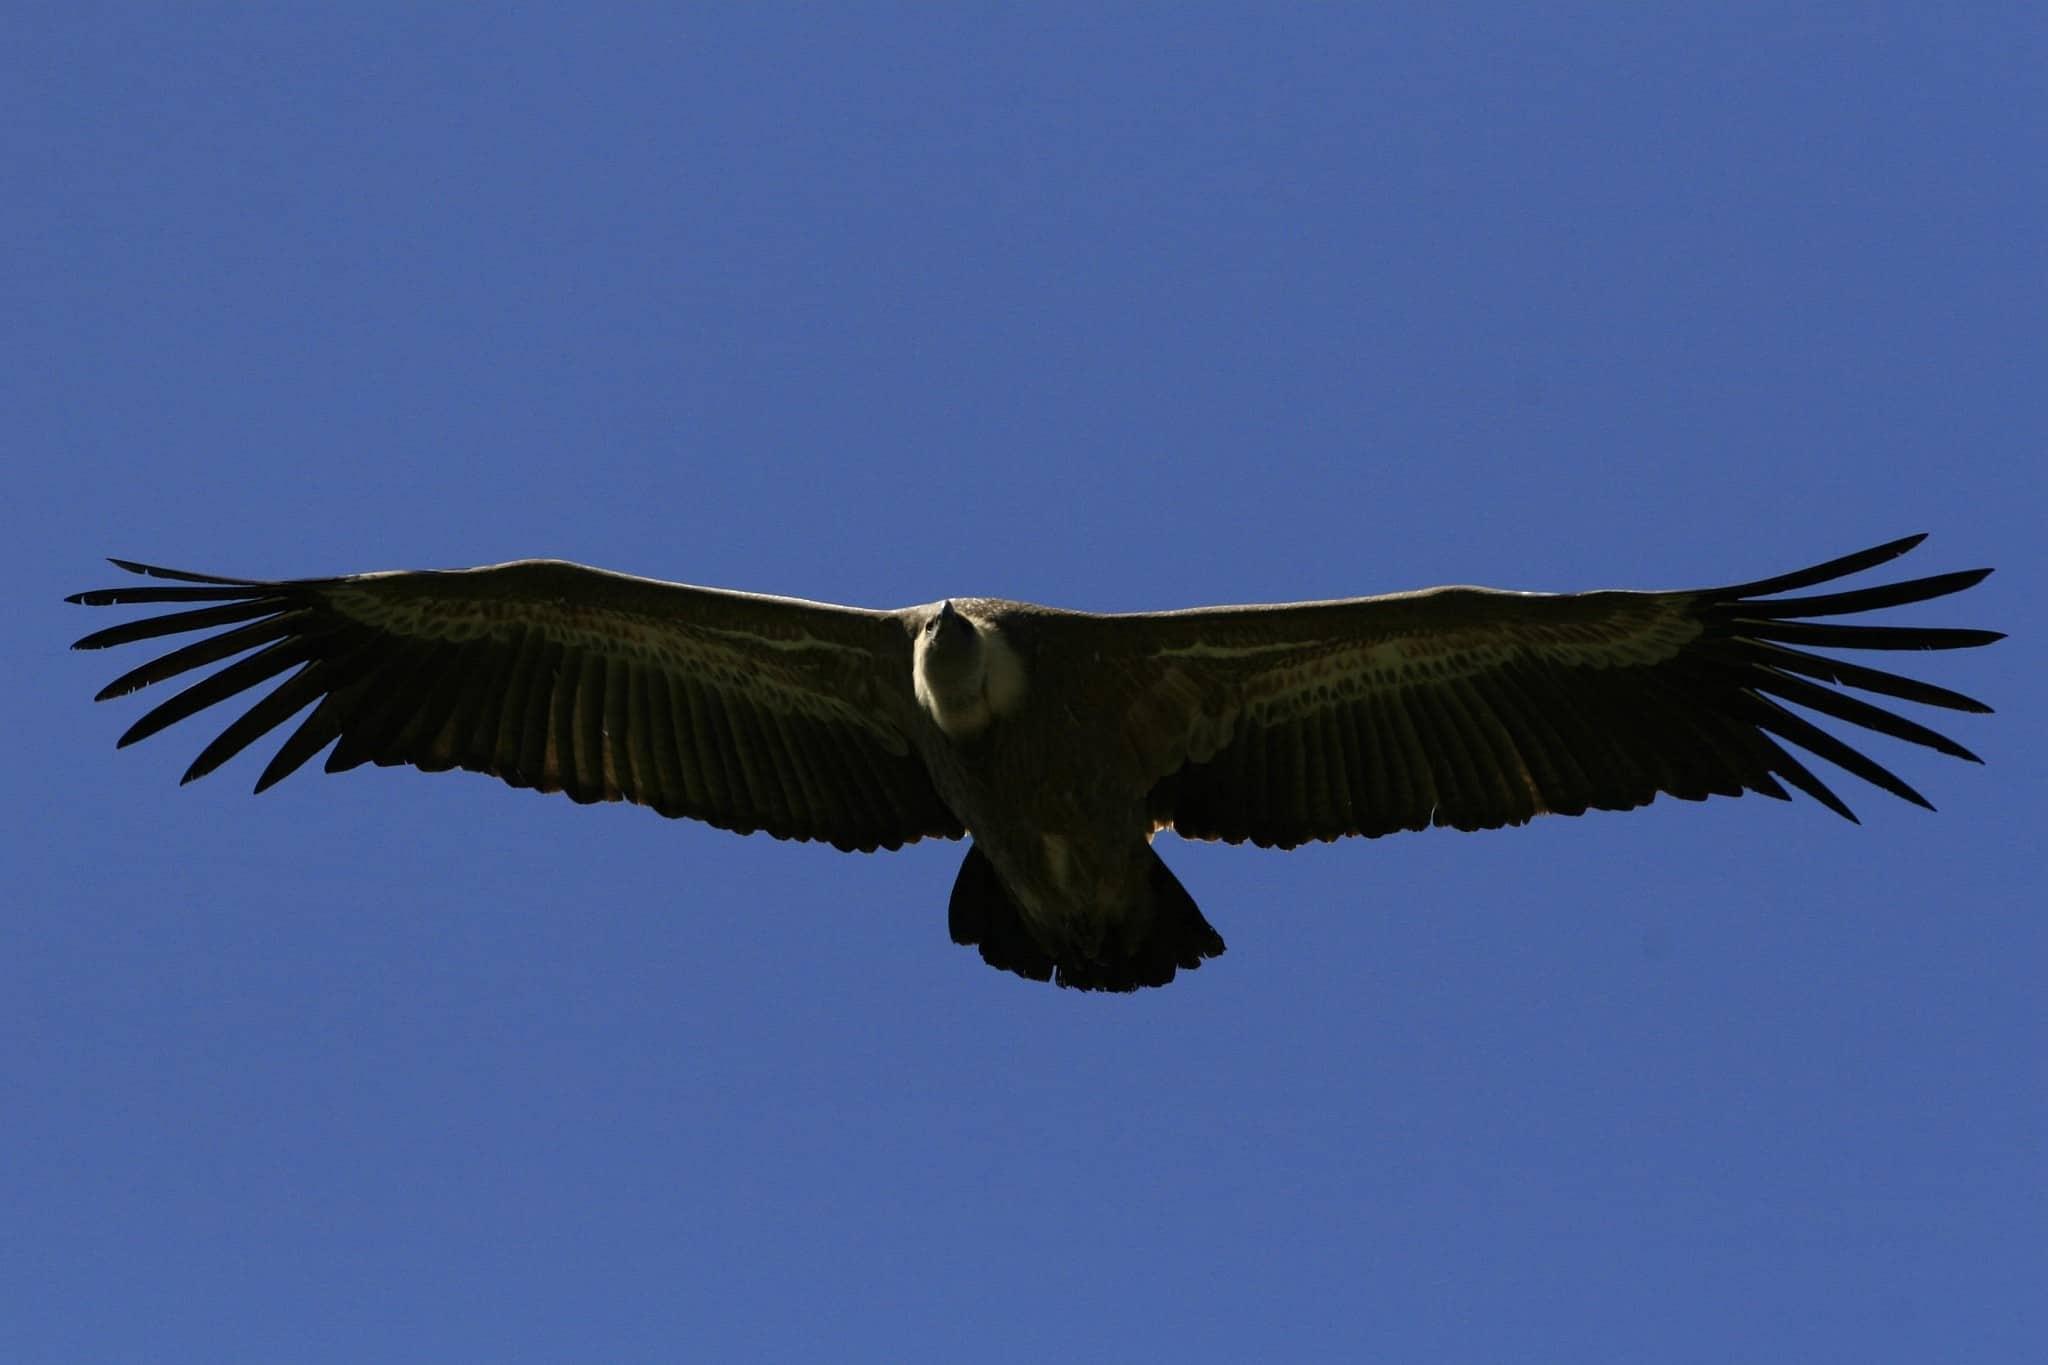 נשר בשמי רמת הגולן (צילום: נתי שוחט/פלאש90)